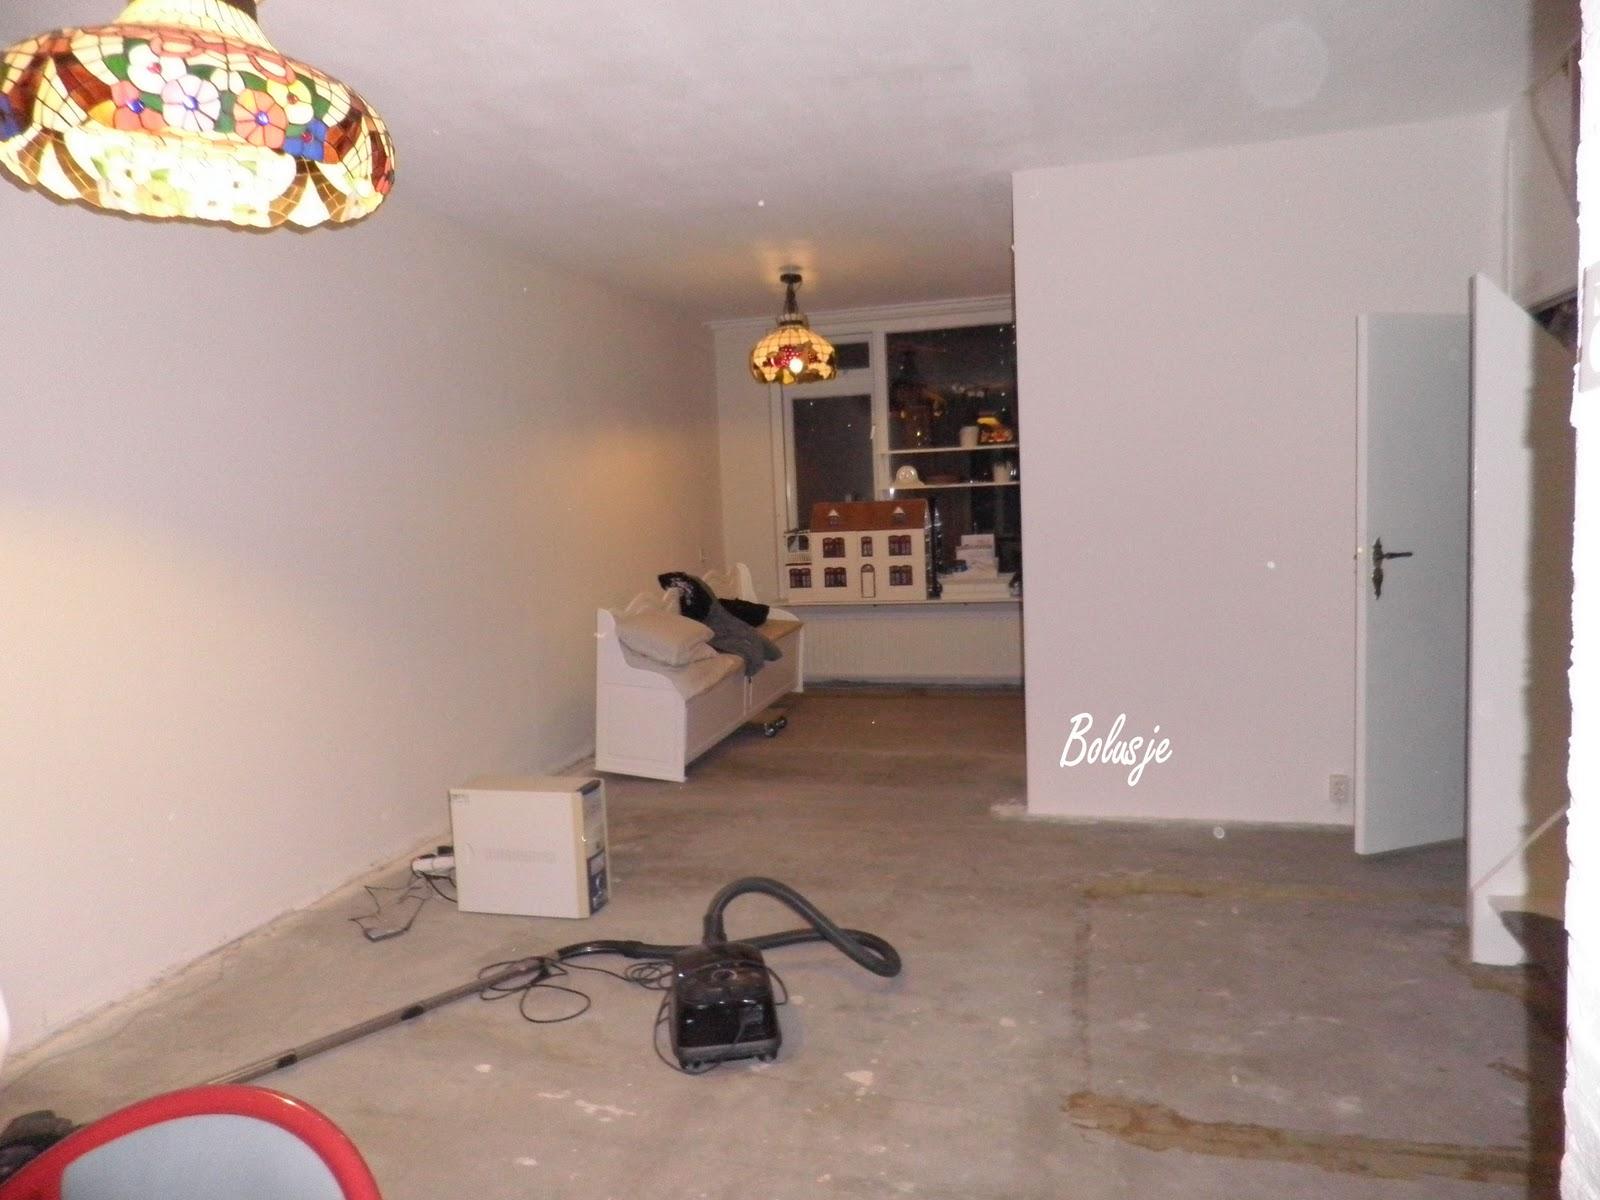 Keukenkasten Laminaat : Zie een nieuwe laminaat in ons huiskamer!